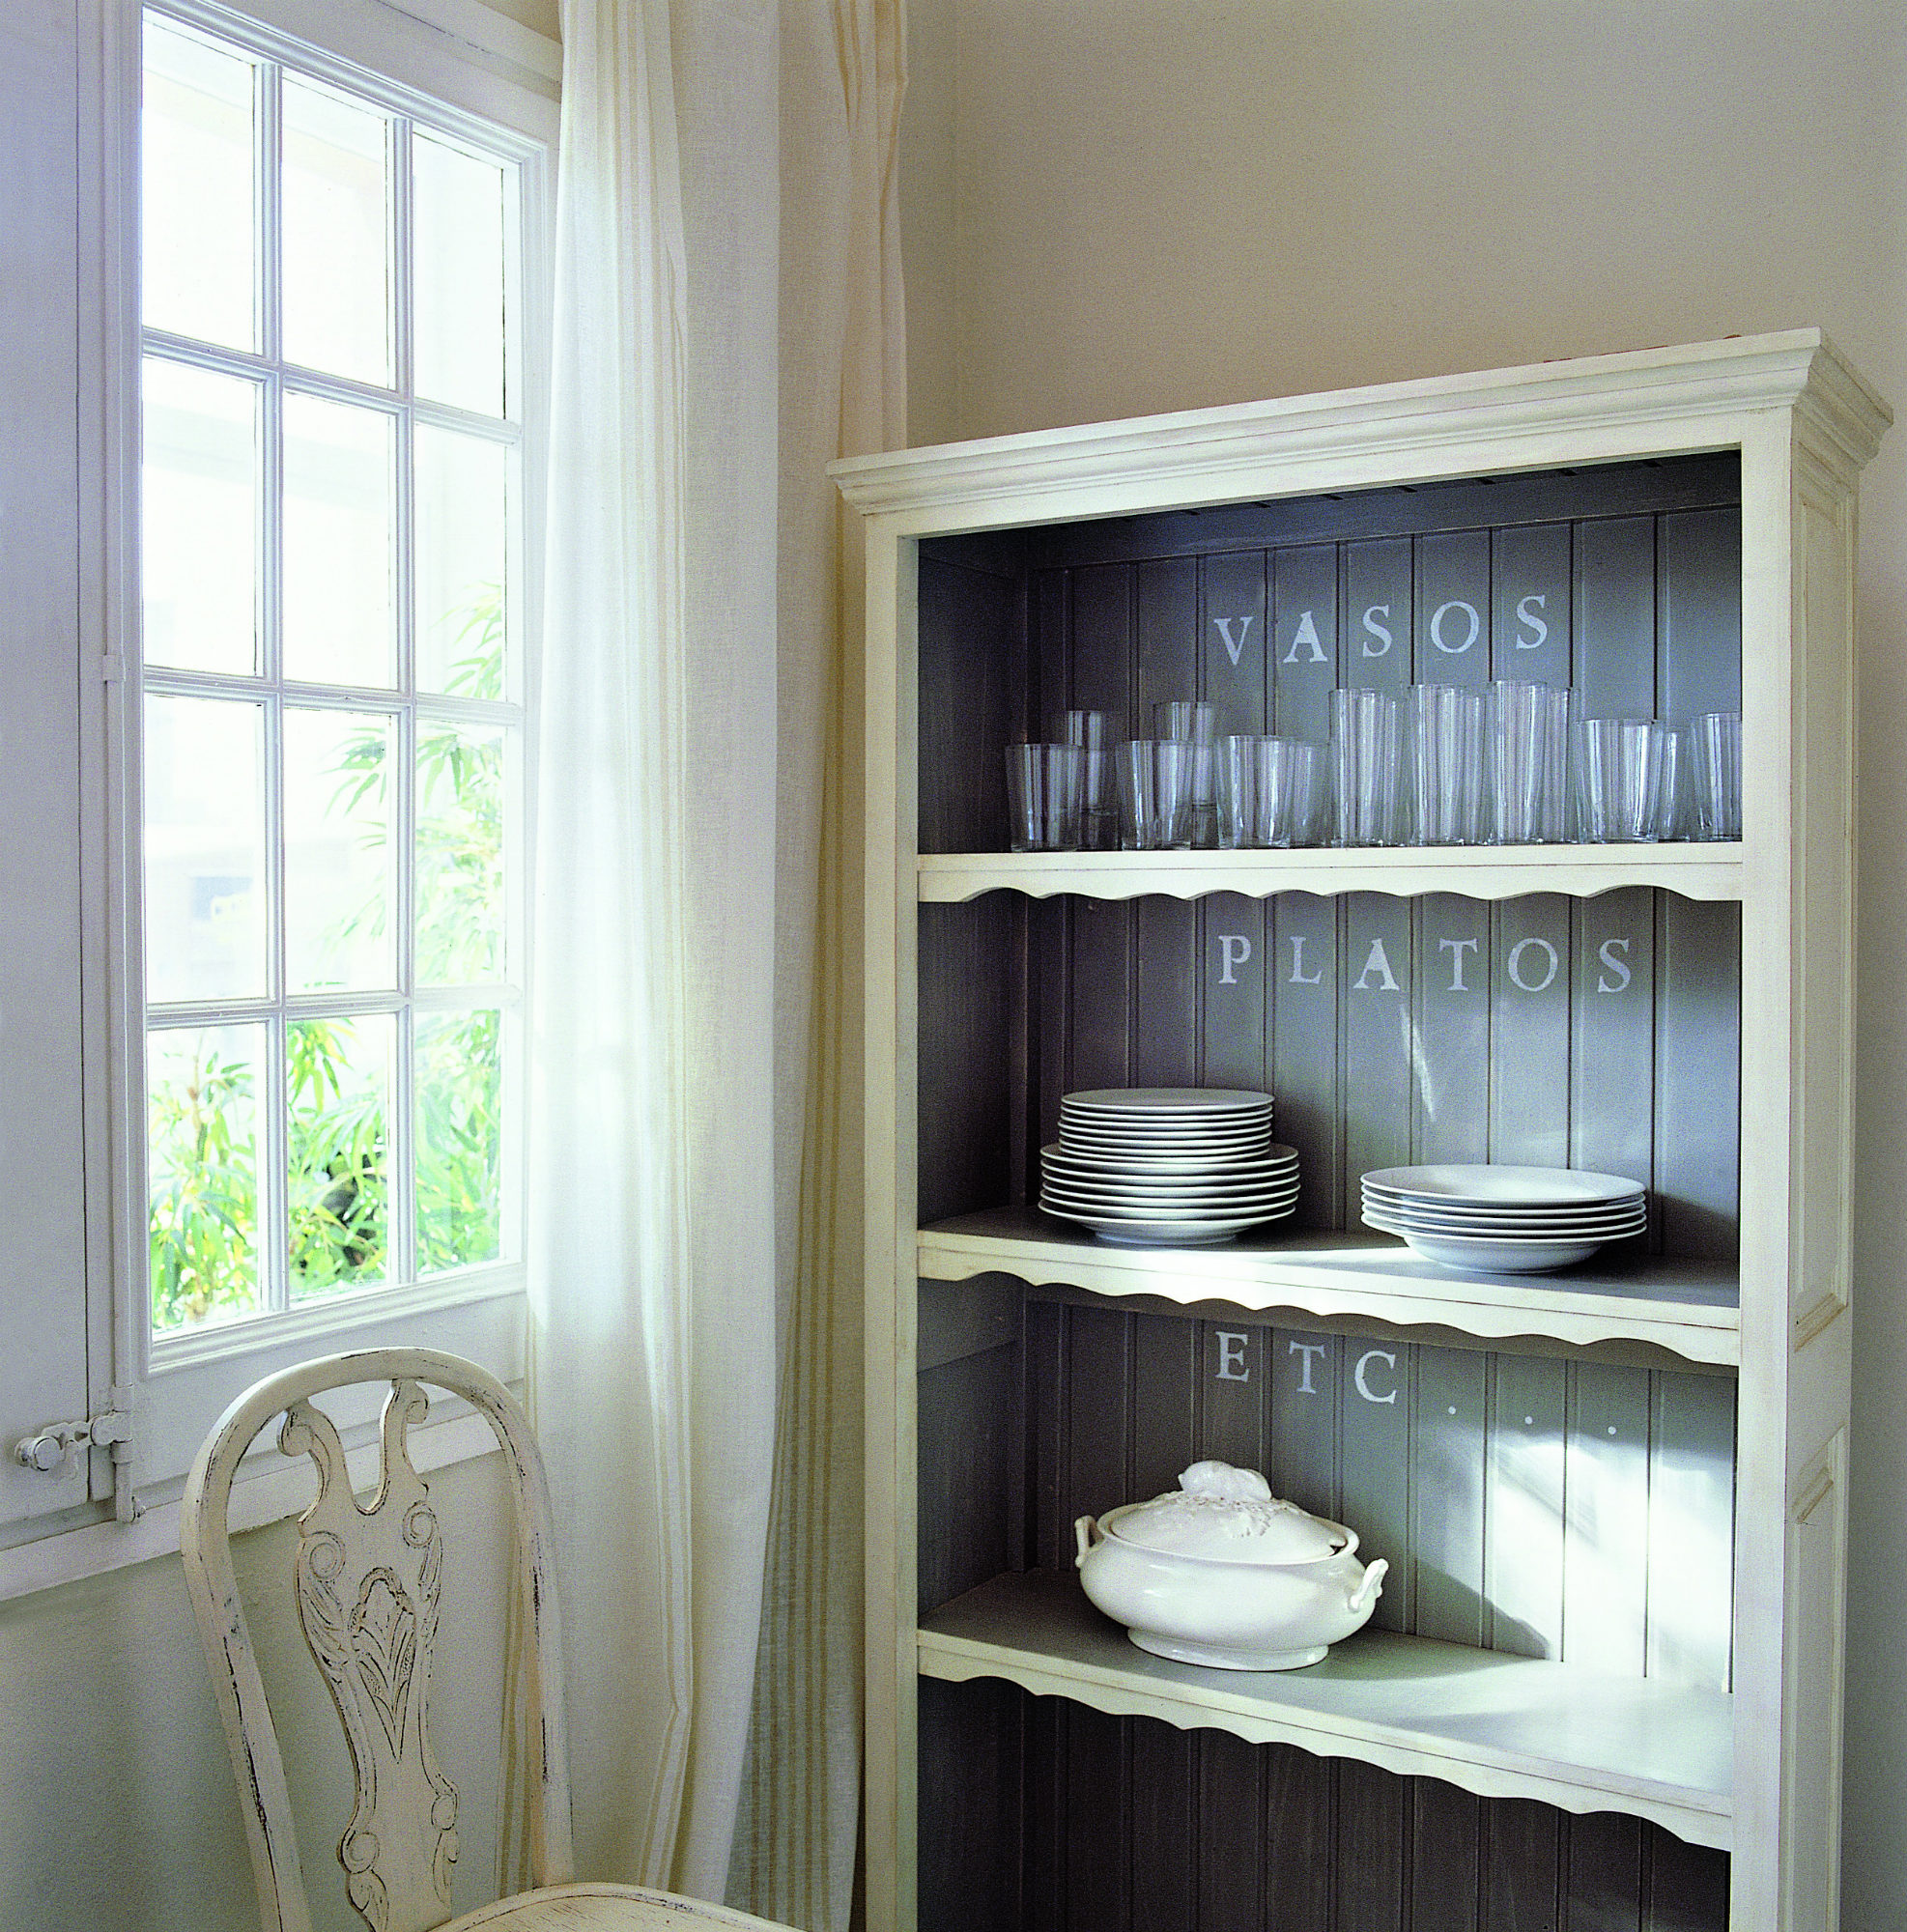 El vajillero perfecto donde guardar y ordenar tu vajilla y cristaler a - Ideas para poner fotos ...